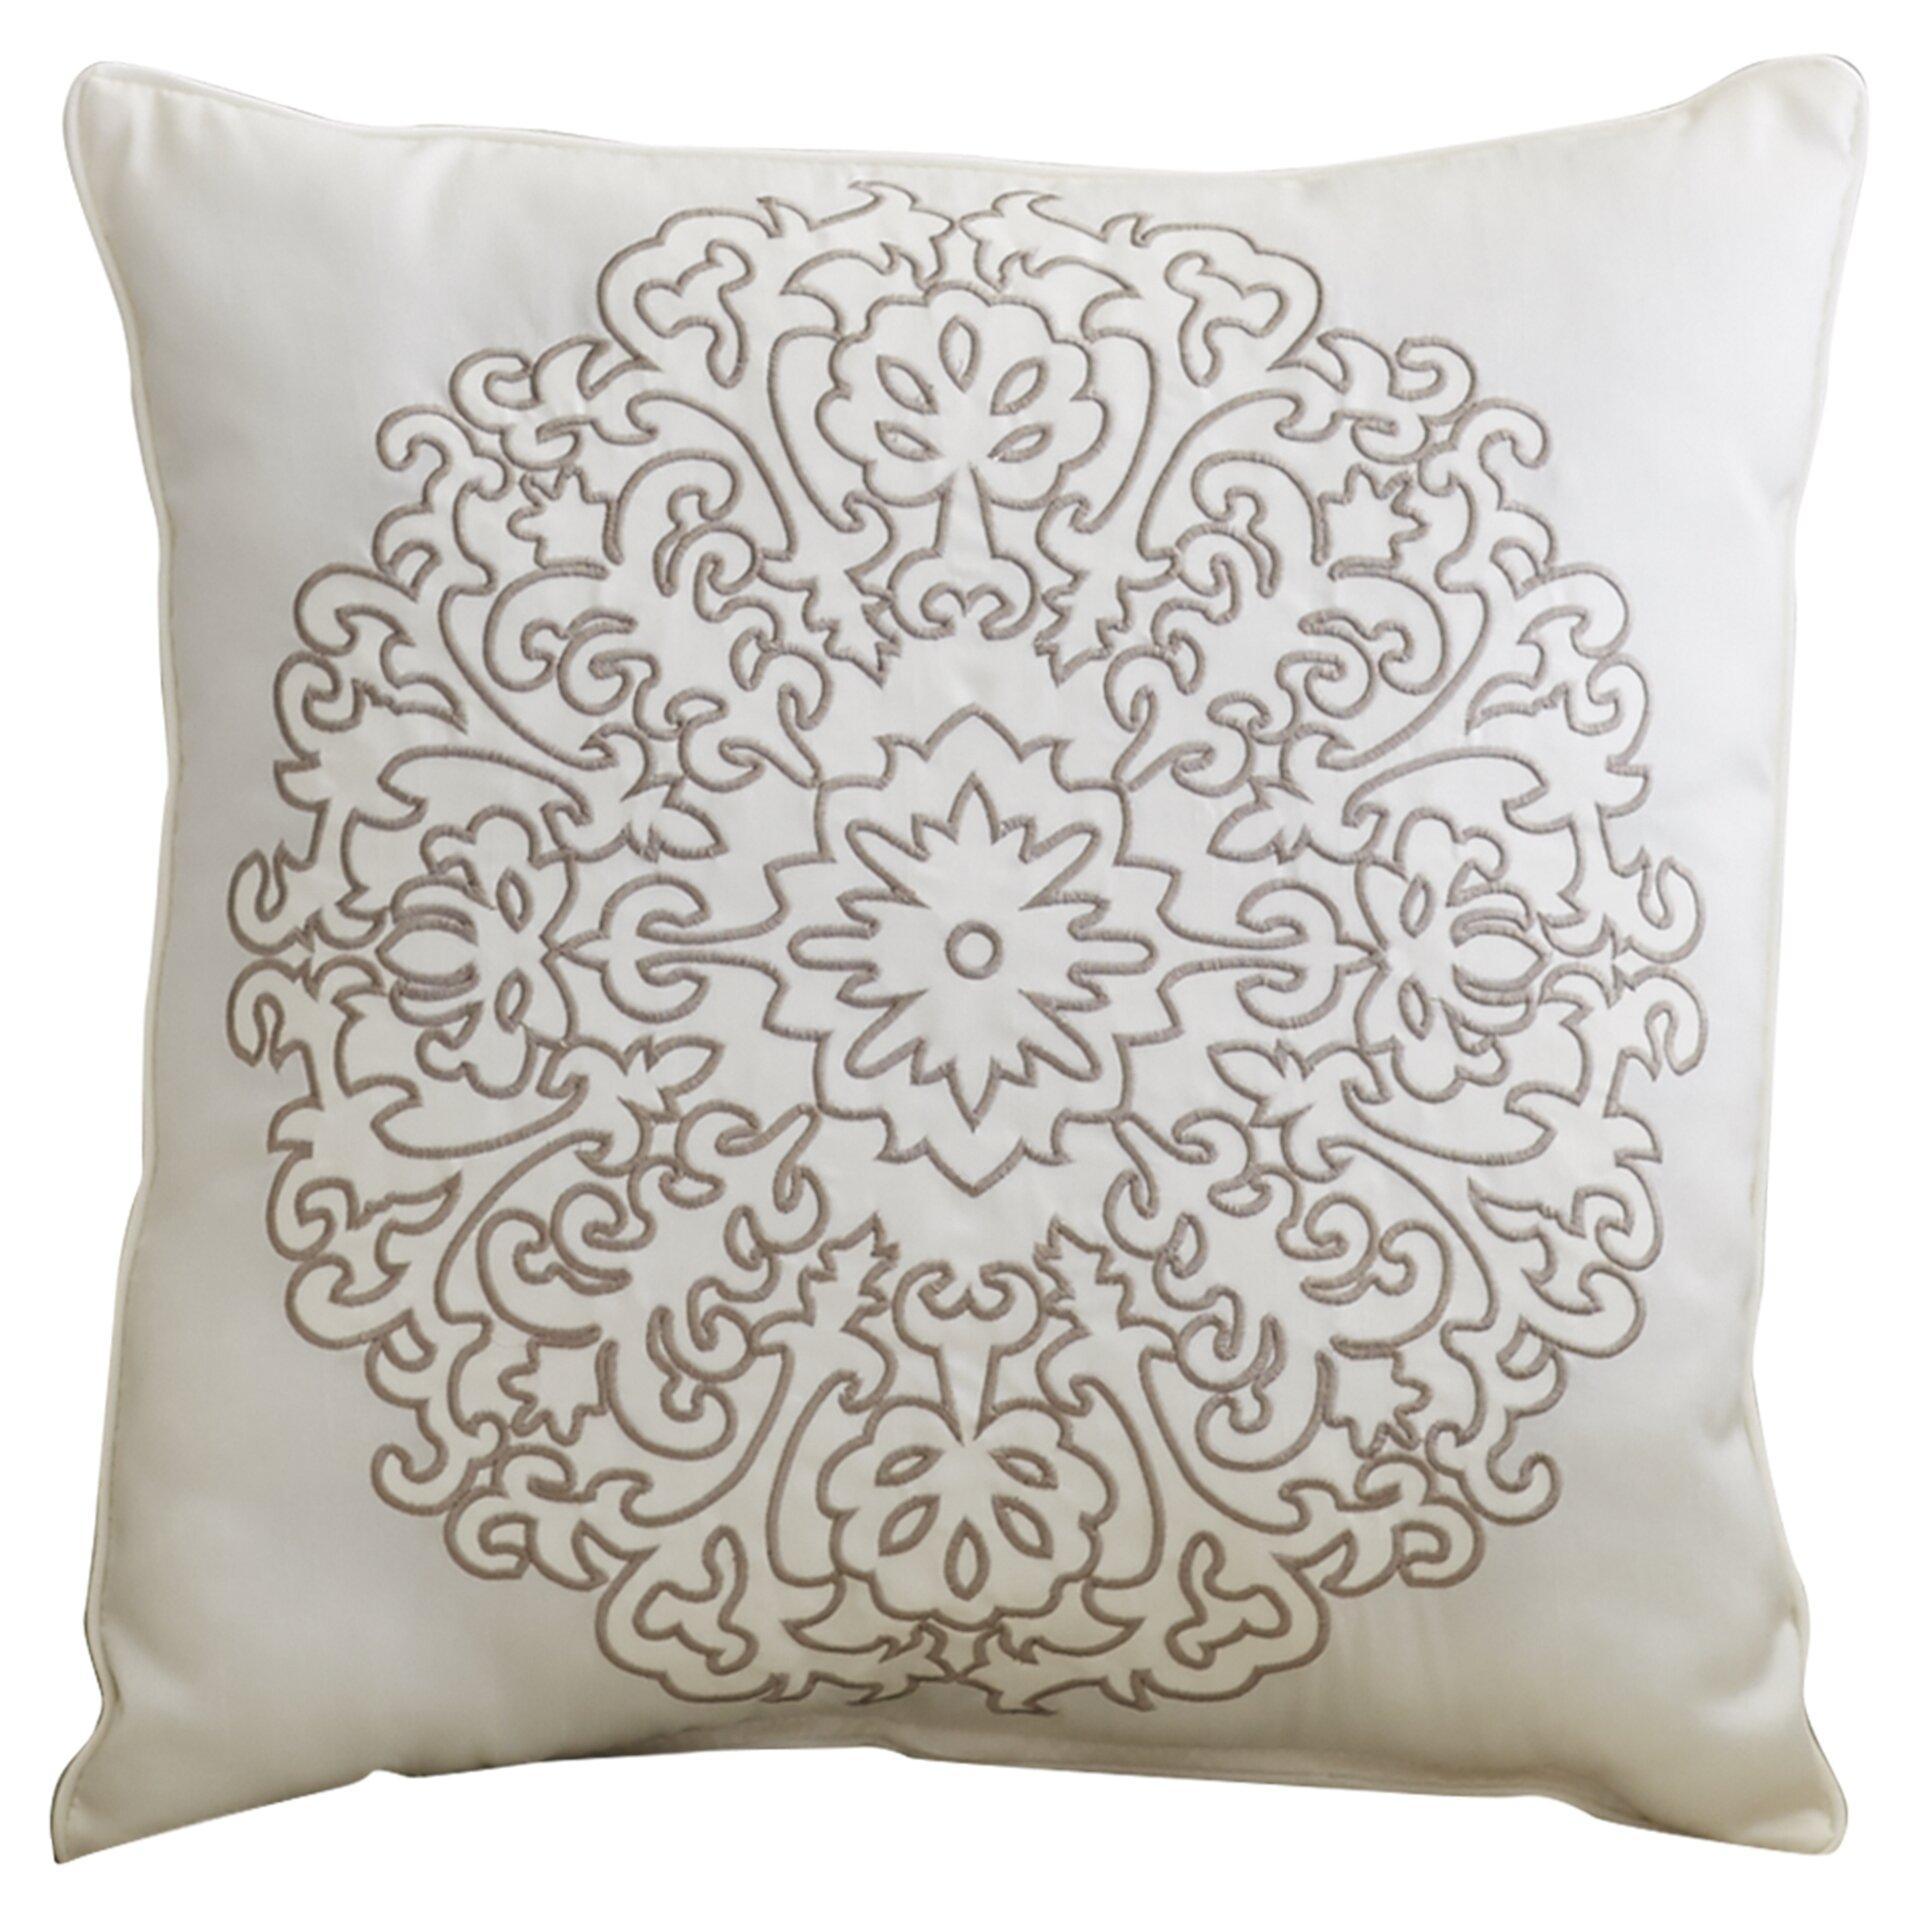 Embroidered Decorative Pillow : Alcott Hill Staverton Embroidered Decorative Throw Pillow & Reviews Wayfair